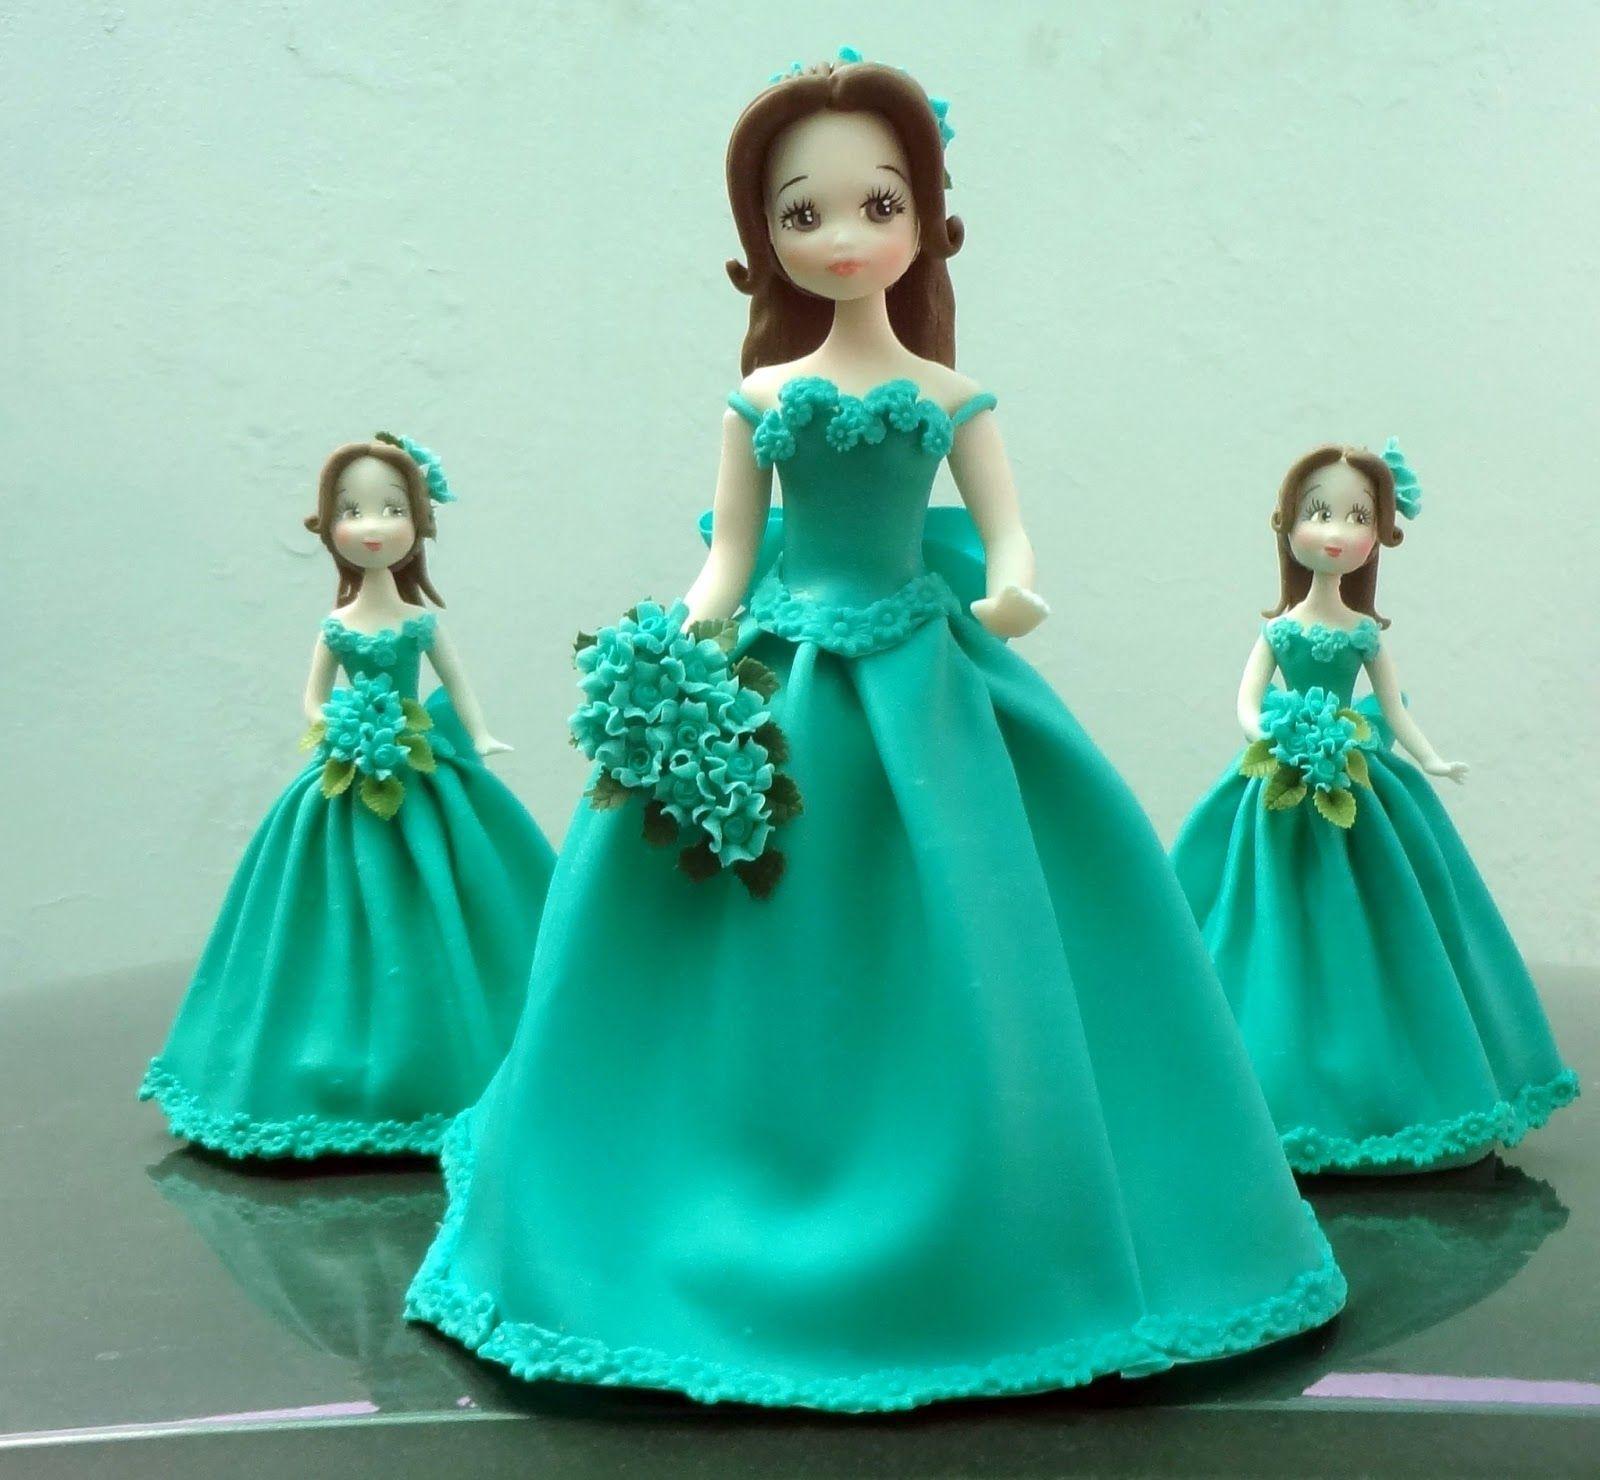 Resultado de imagen para quinceañeras en porcelana fria | Cerámica ...